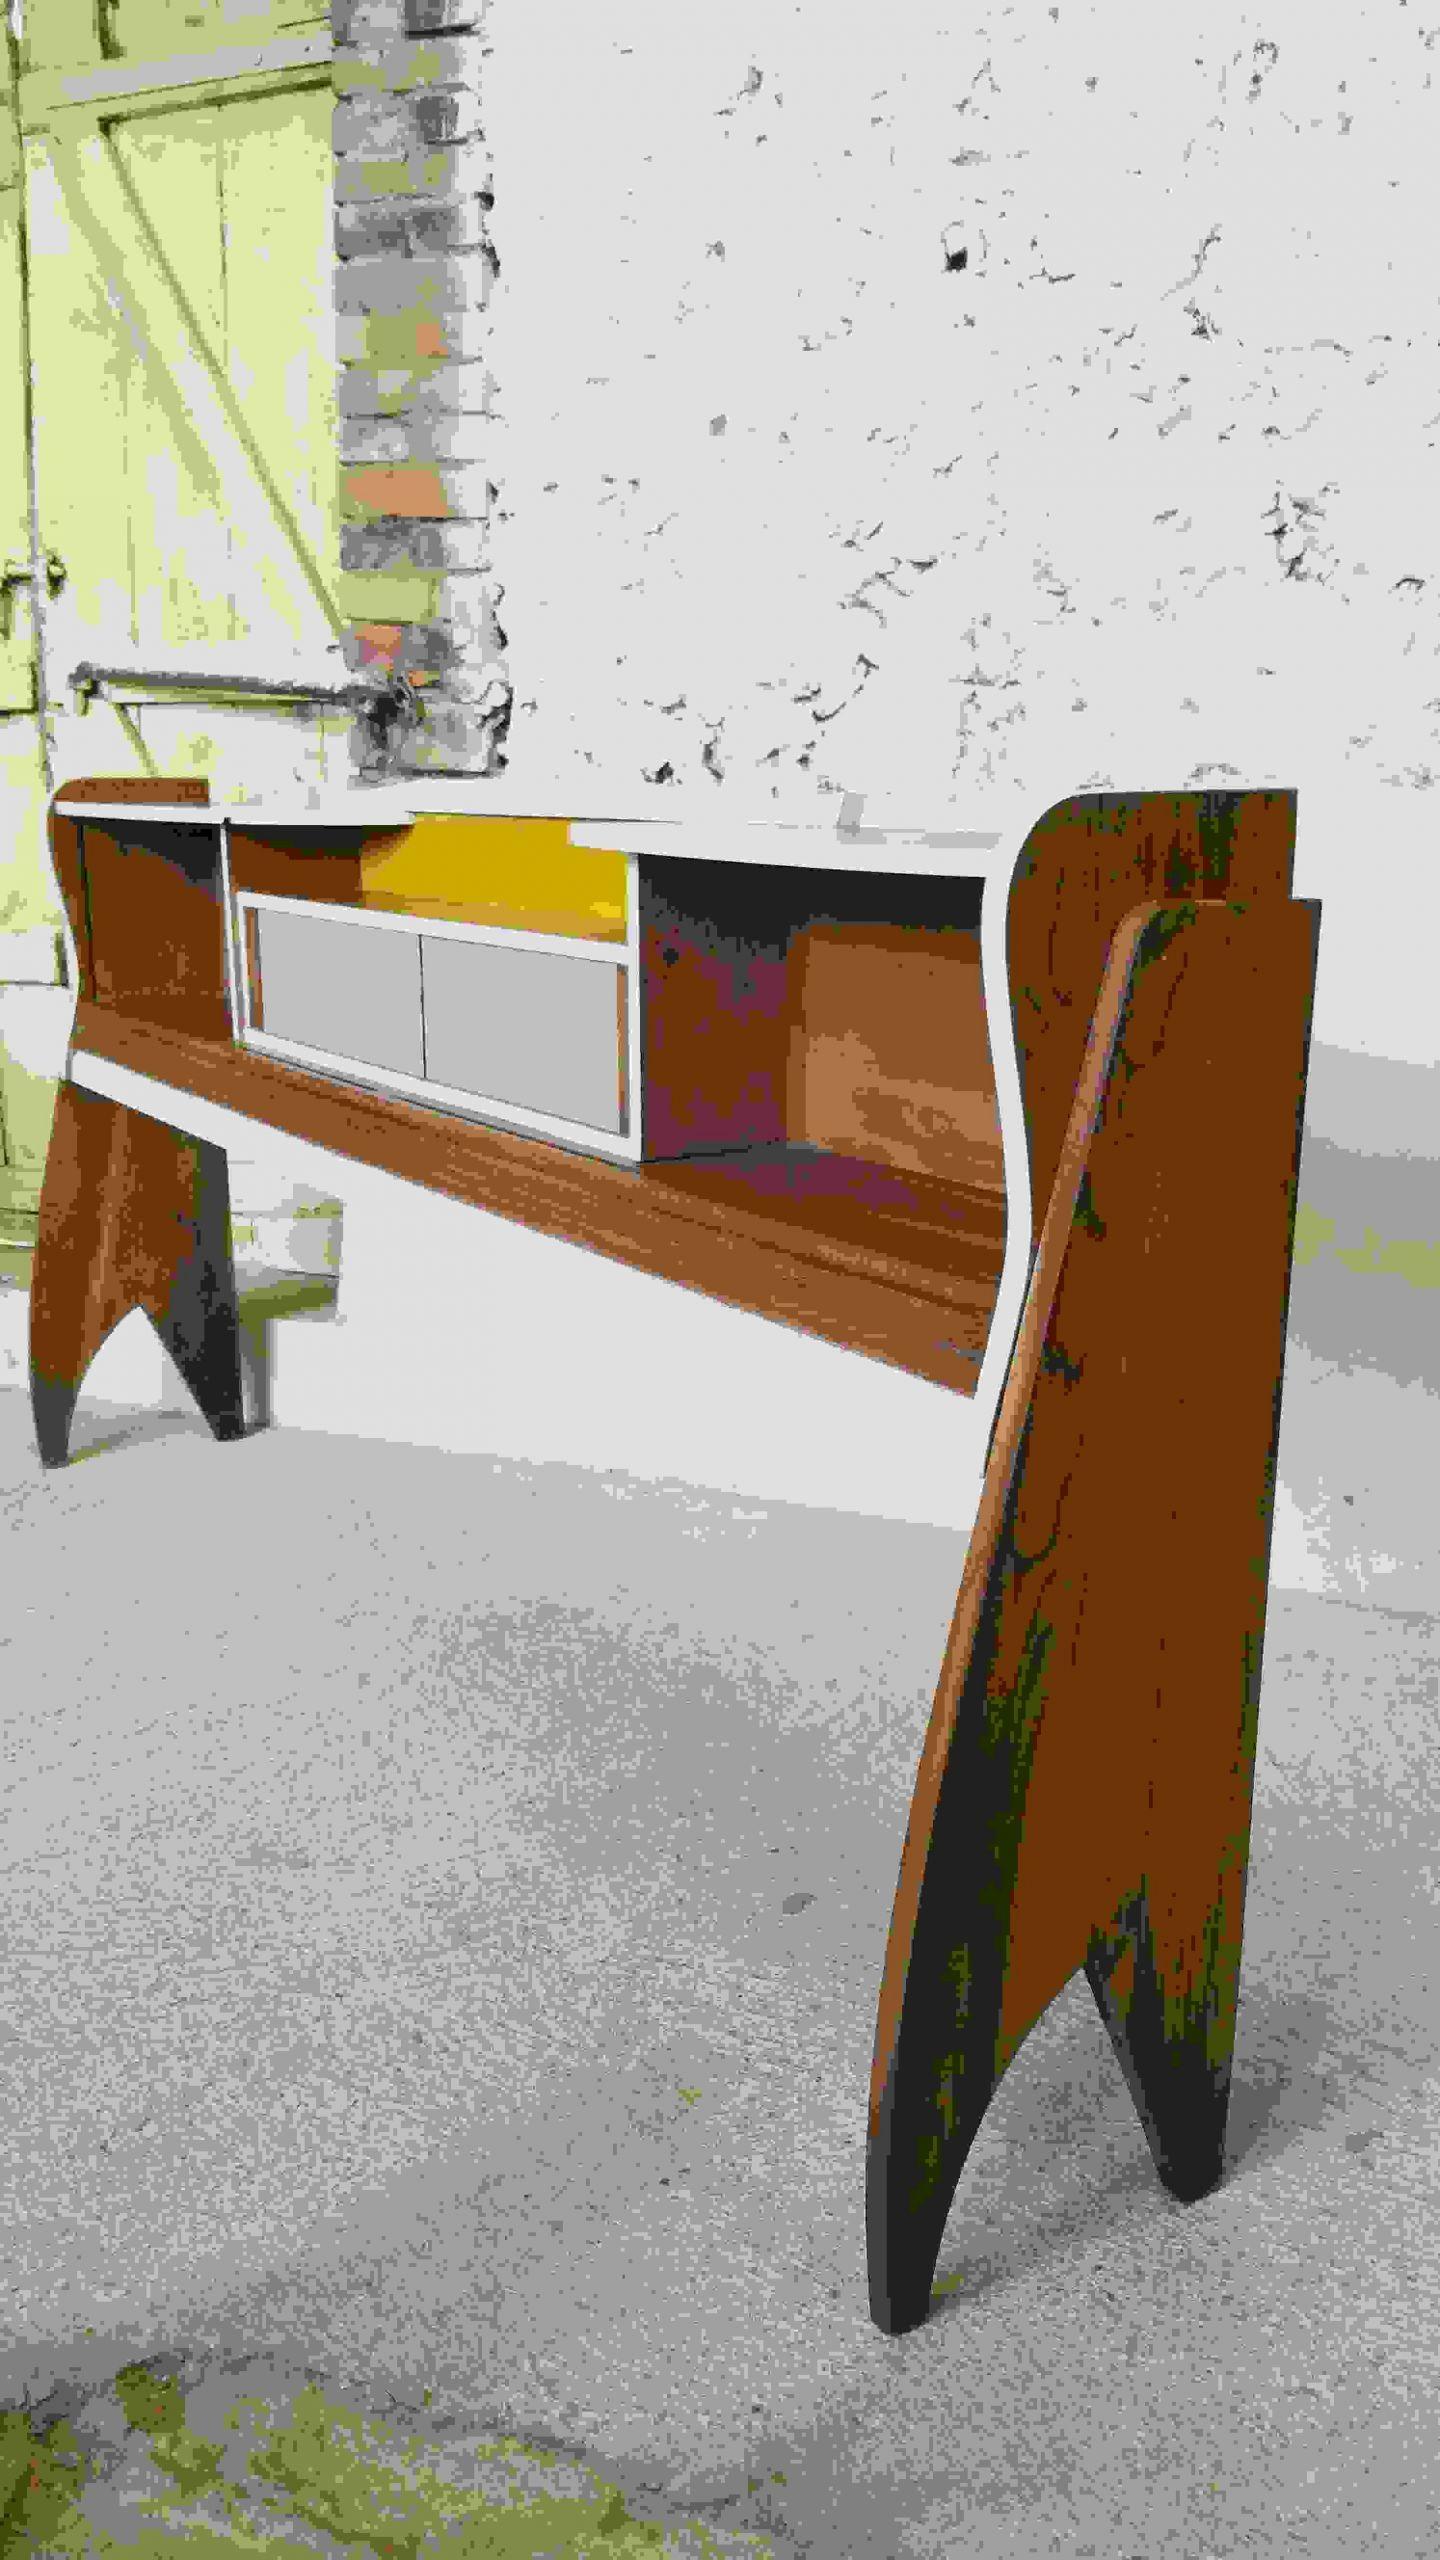 meuble de rangement pour balcon meuble rangement balcon inspirant meuble rangement jardin elegant of meuble de rangement pour balcon 1